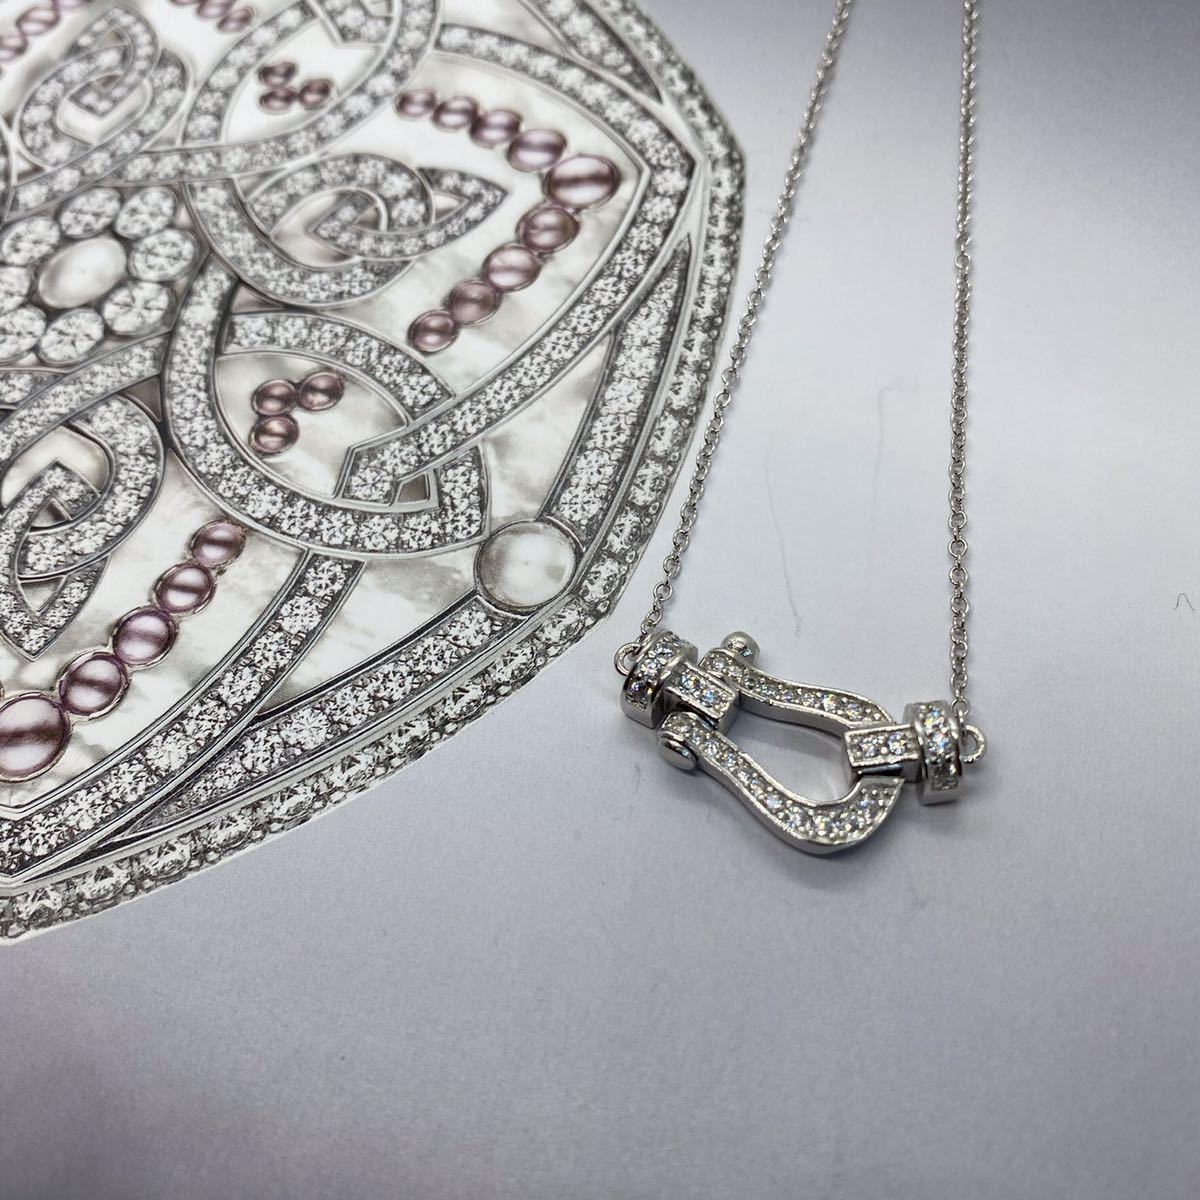 [最高品質] フォース ネックレス ホワイトゴールド 18金 18kgp sv925 シルバー925 馬の蹄 5Acz ダイヤモンド フレッドではありません☆_画像3